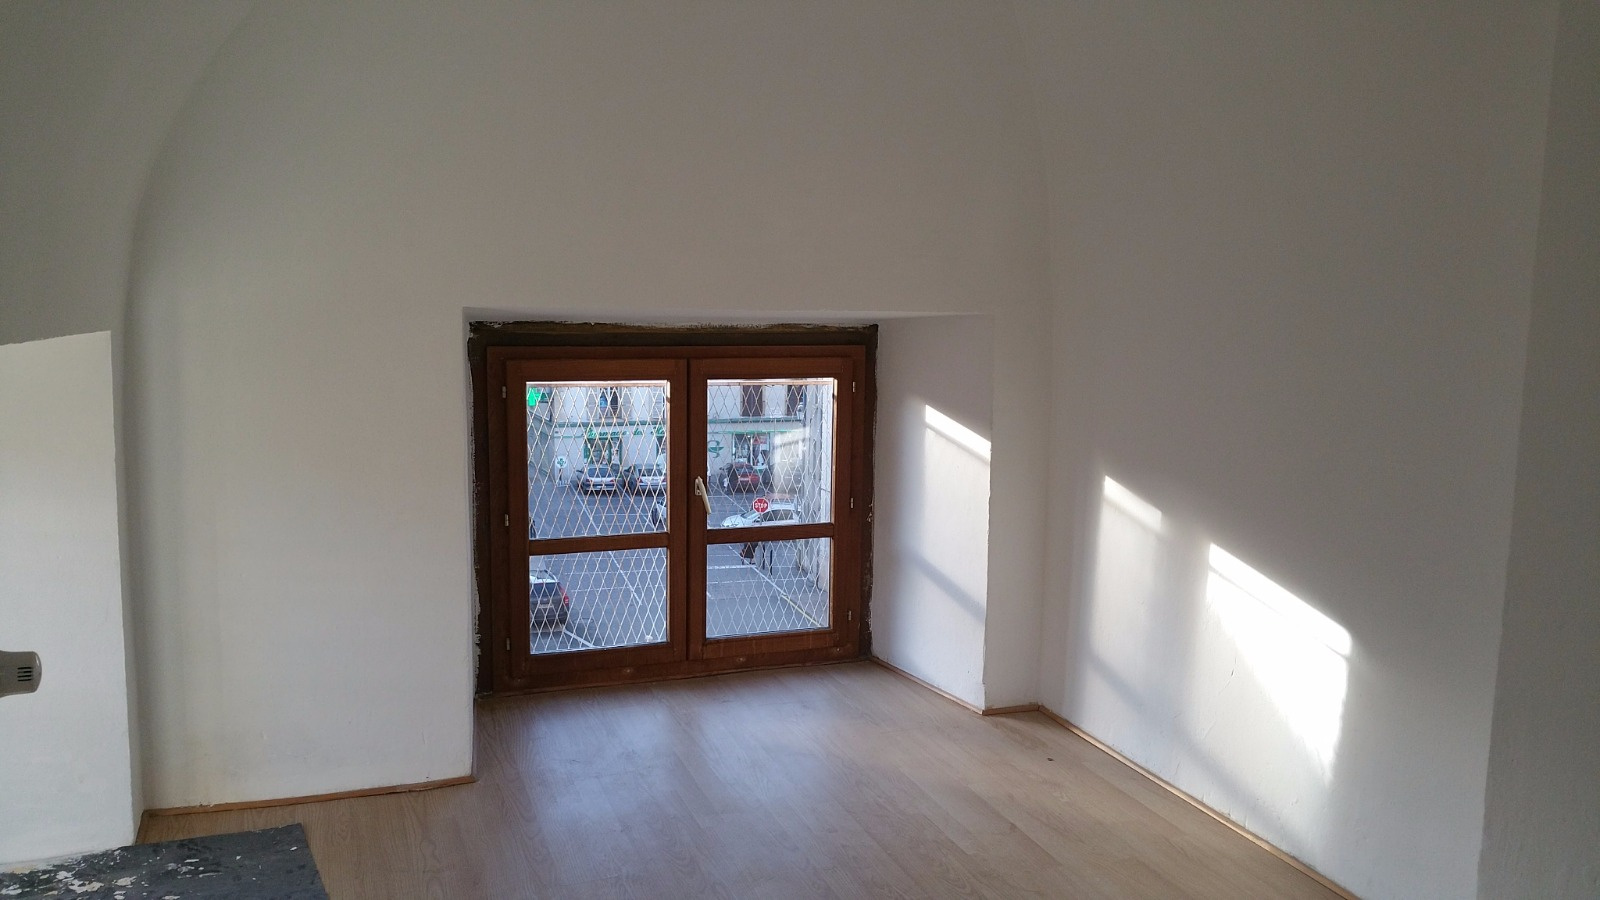 location un appartement de type 4 double vitrage chauffage central gaz de ville. Black Bedroom Furniture Sets. Home Design Ideas